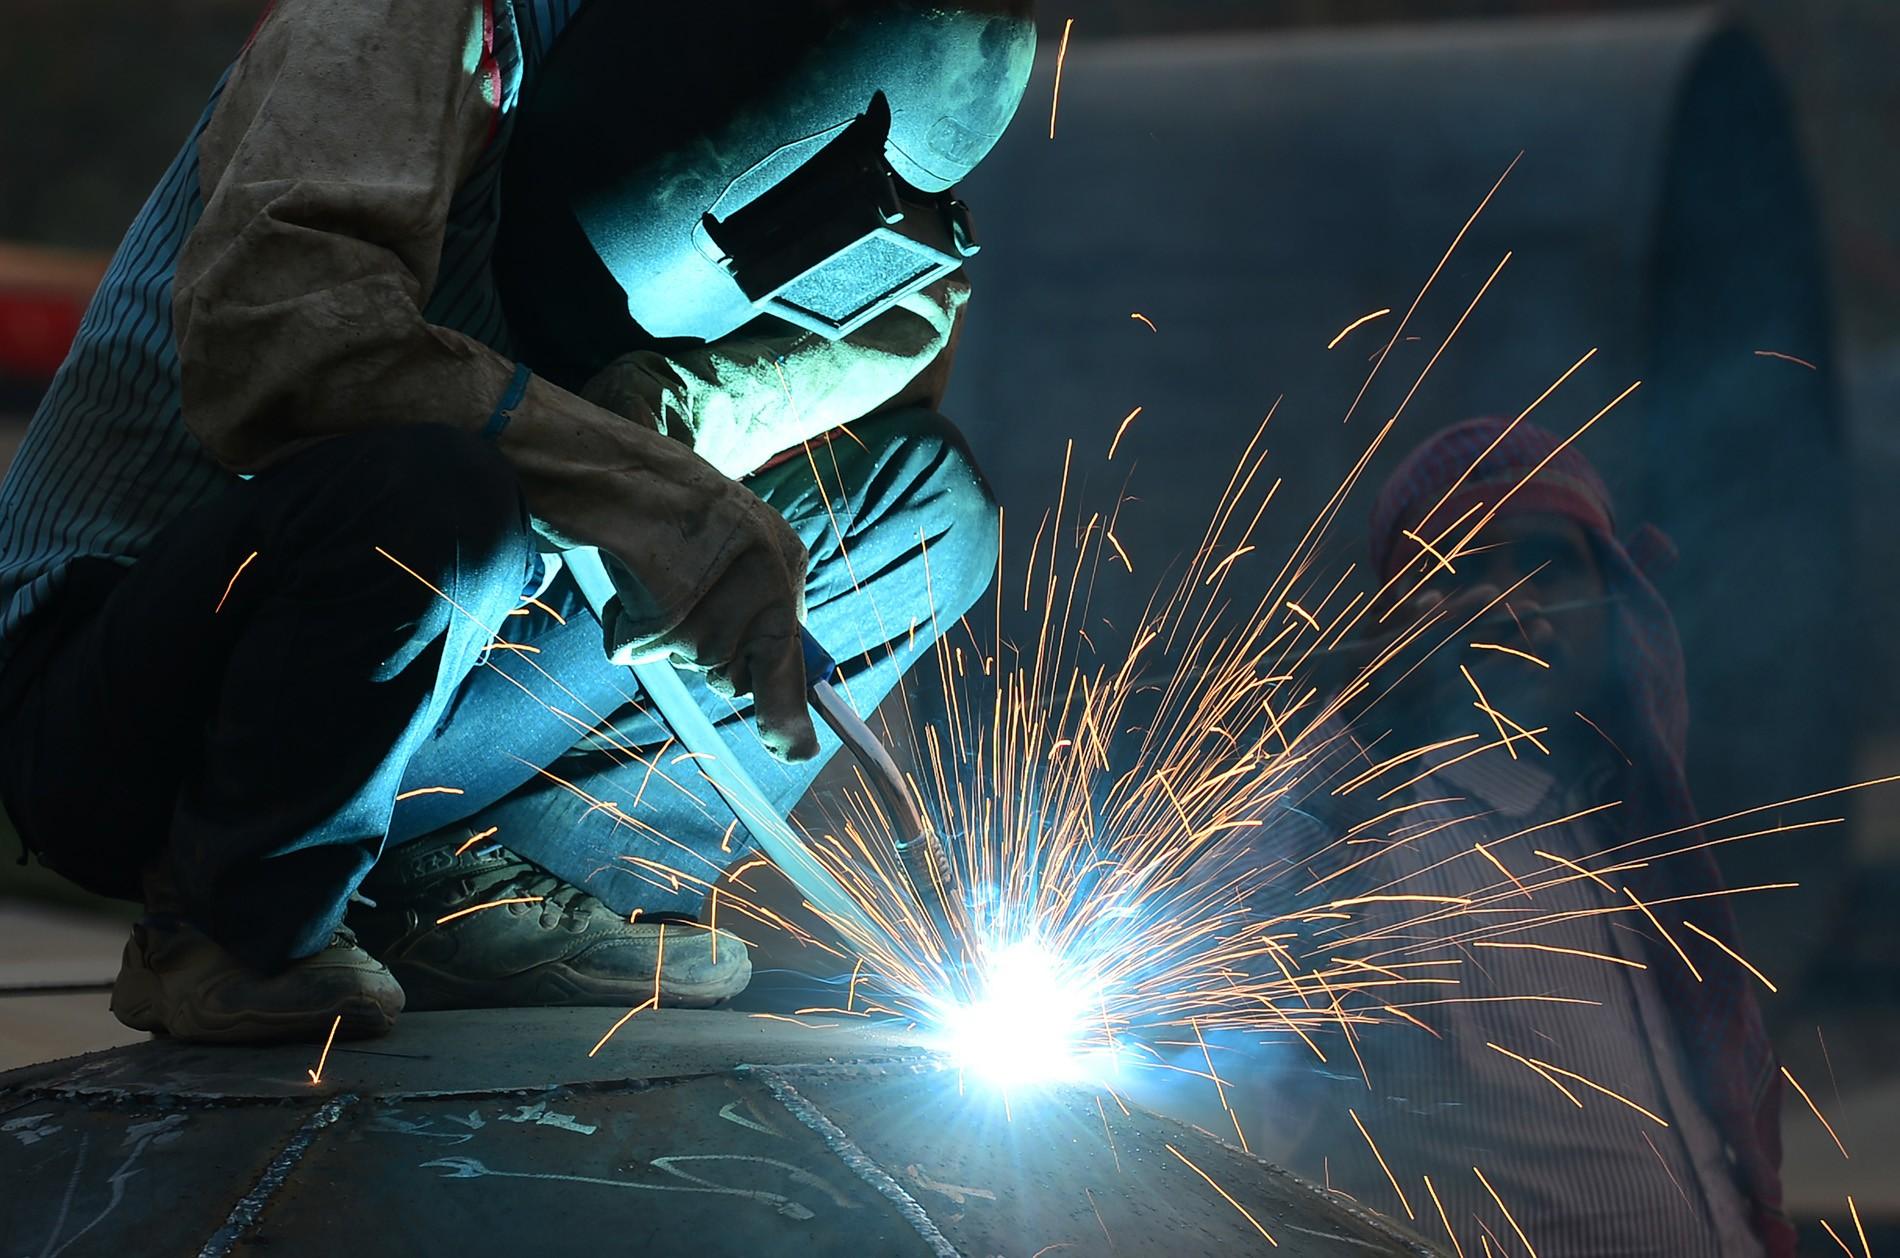 Veja as 36 vagas em emprego oferecidas nesta sexta, 18, no Sine de Ariquemes, RO - Noticias